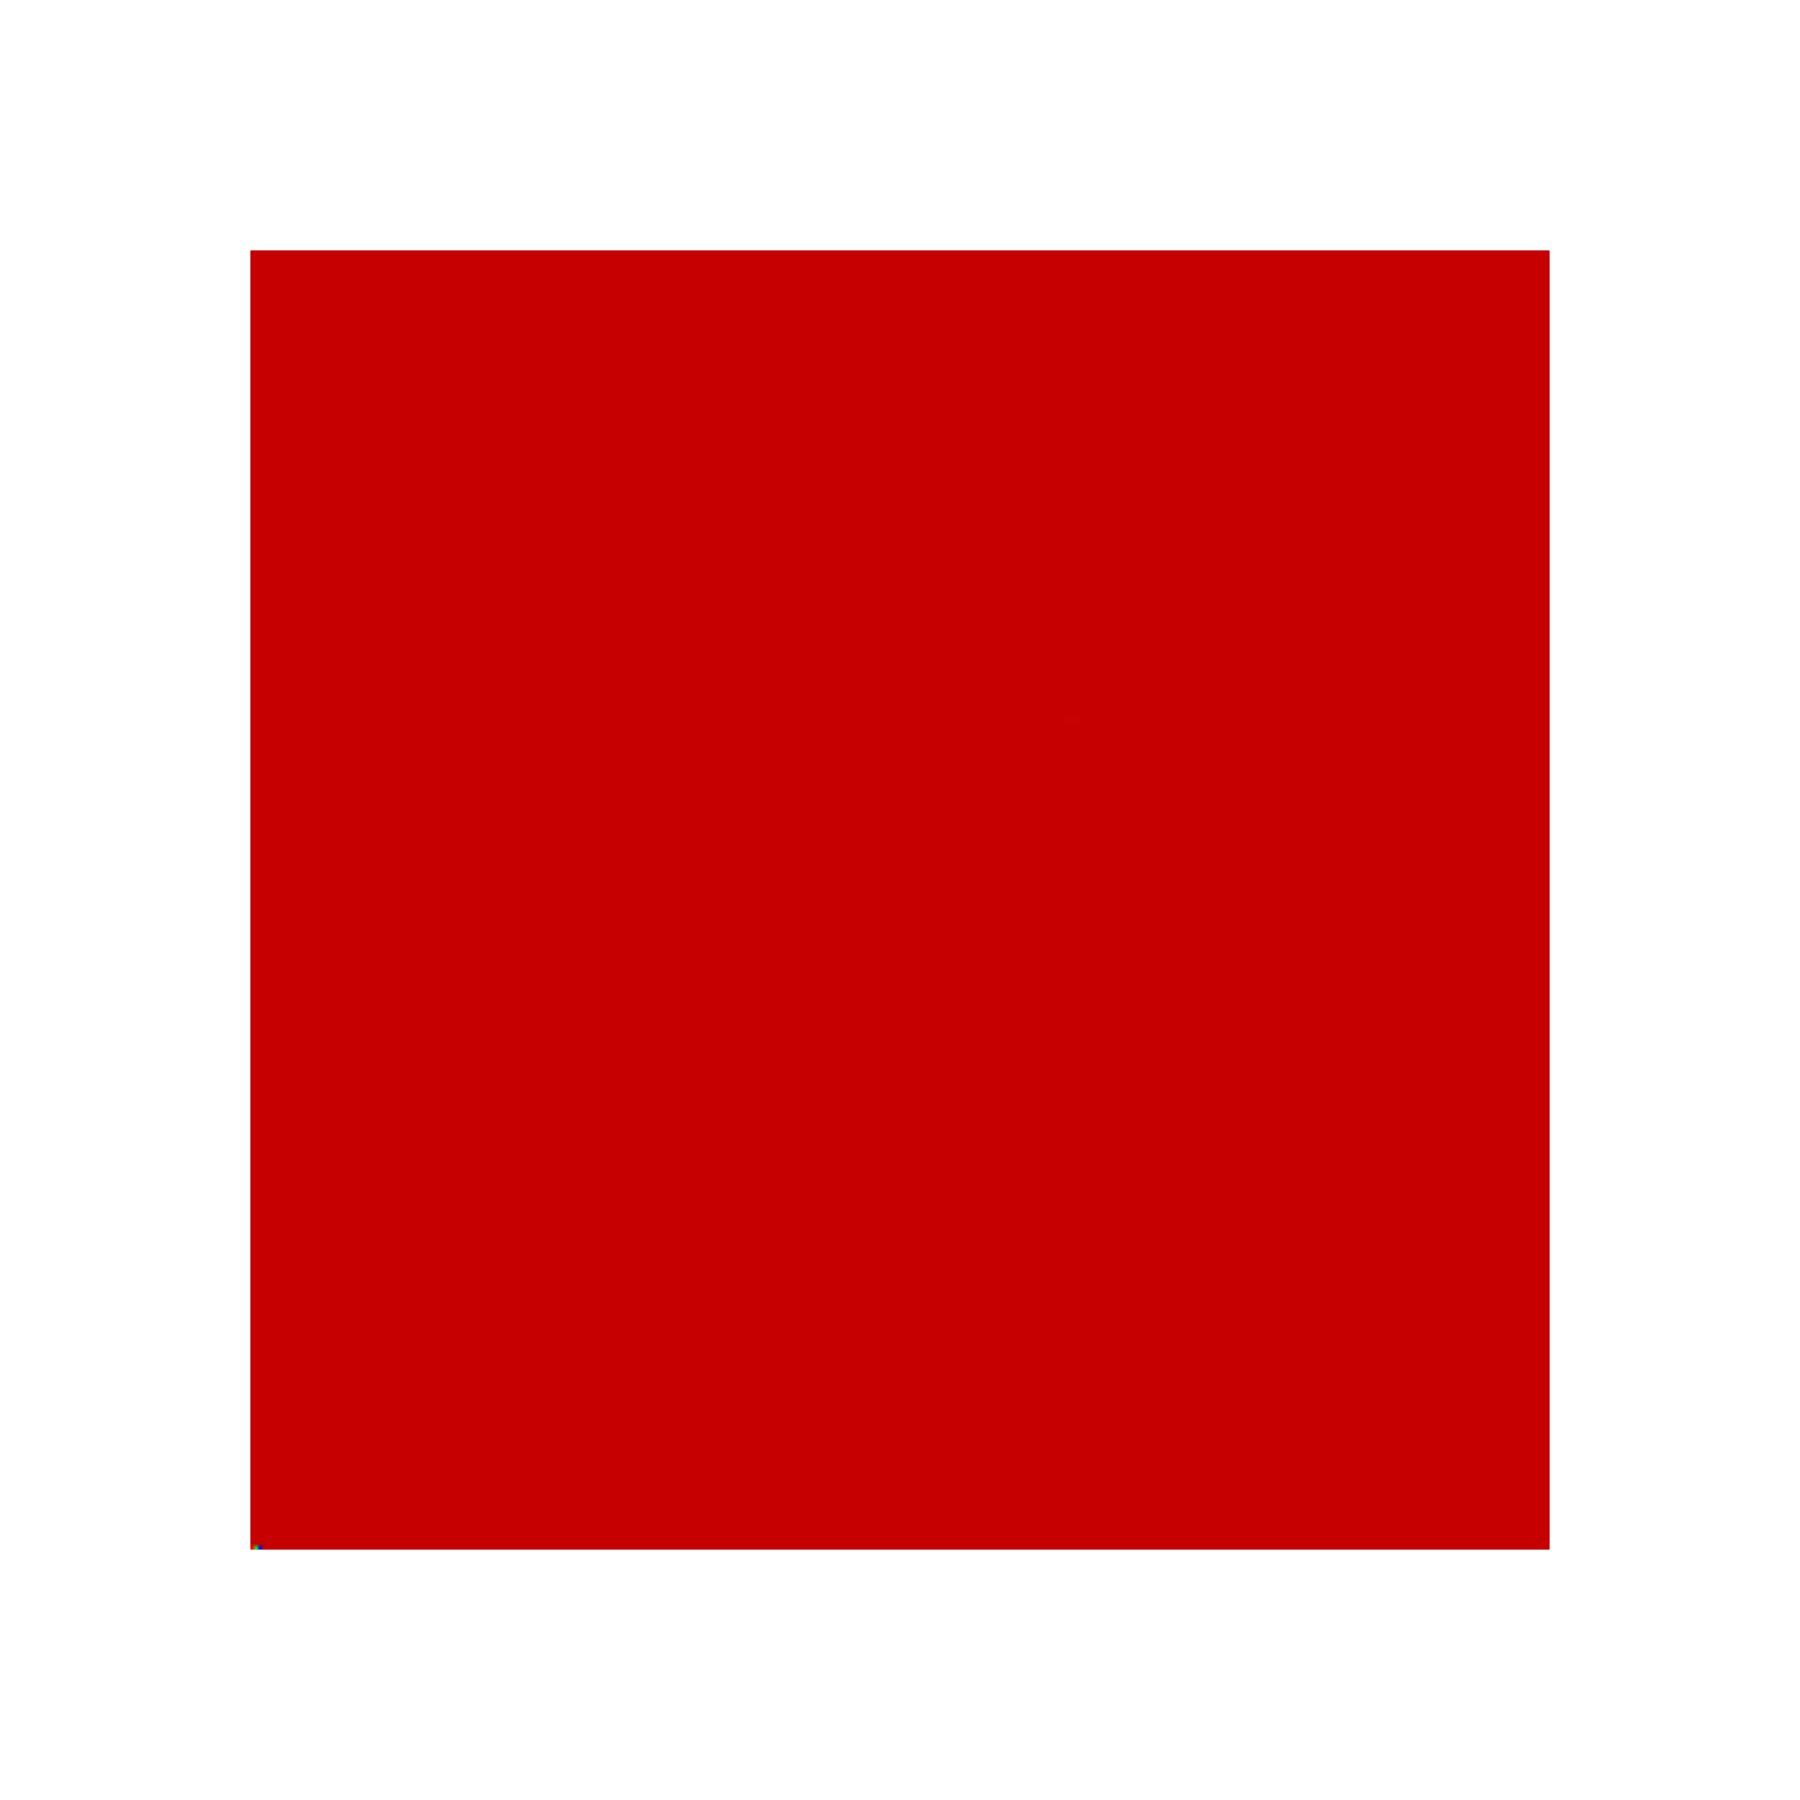 Vinilo termotranferible Brick® 600, hoja 30x50 cm Rojo